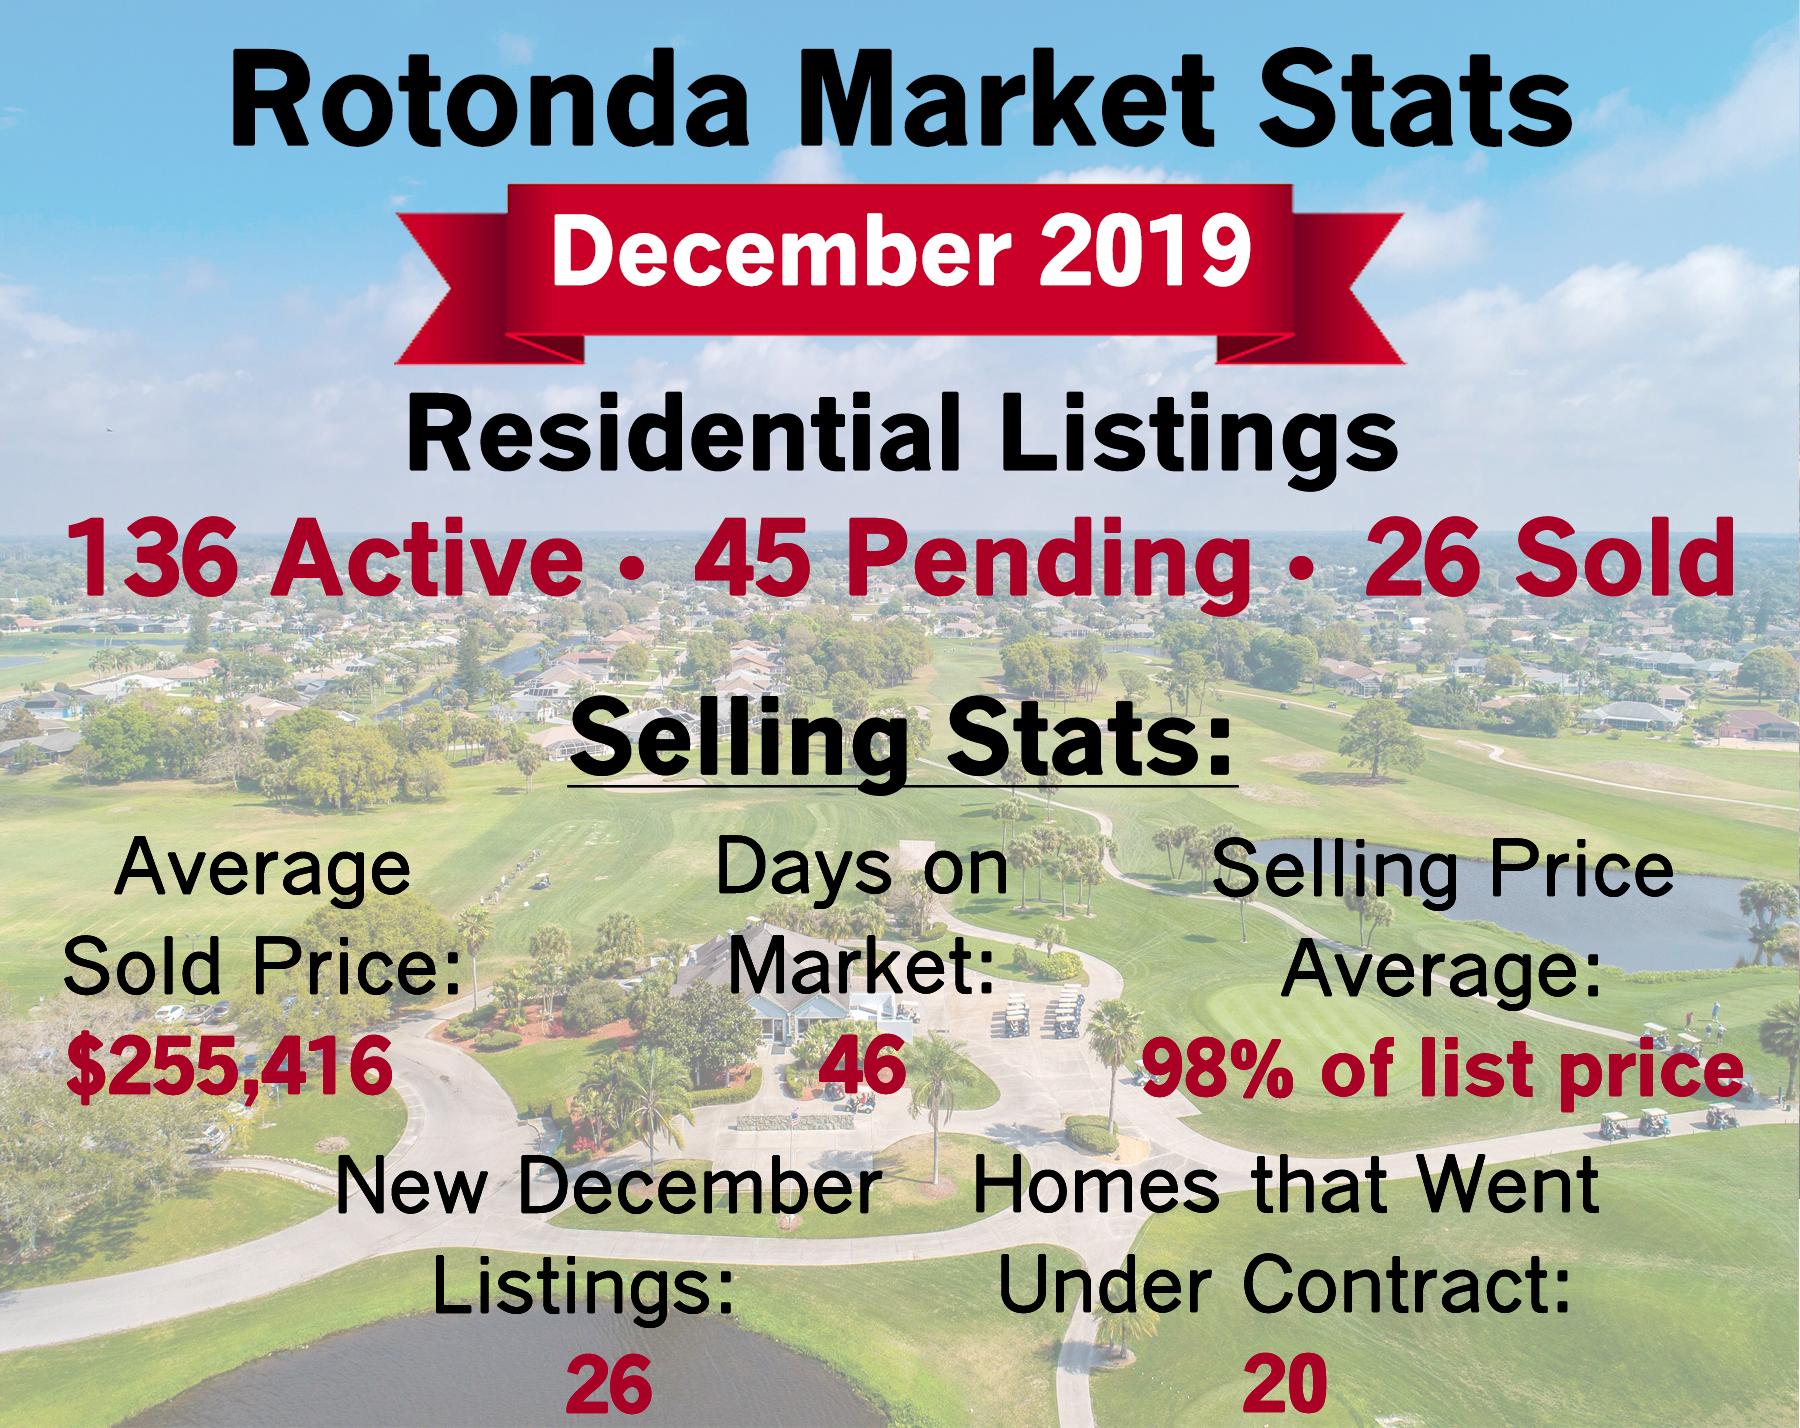 rotonda_market_stats_dec_2019.jpg